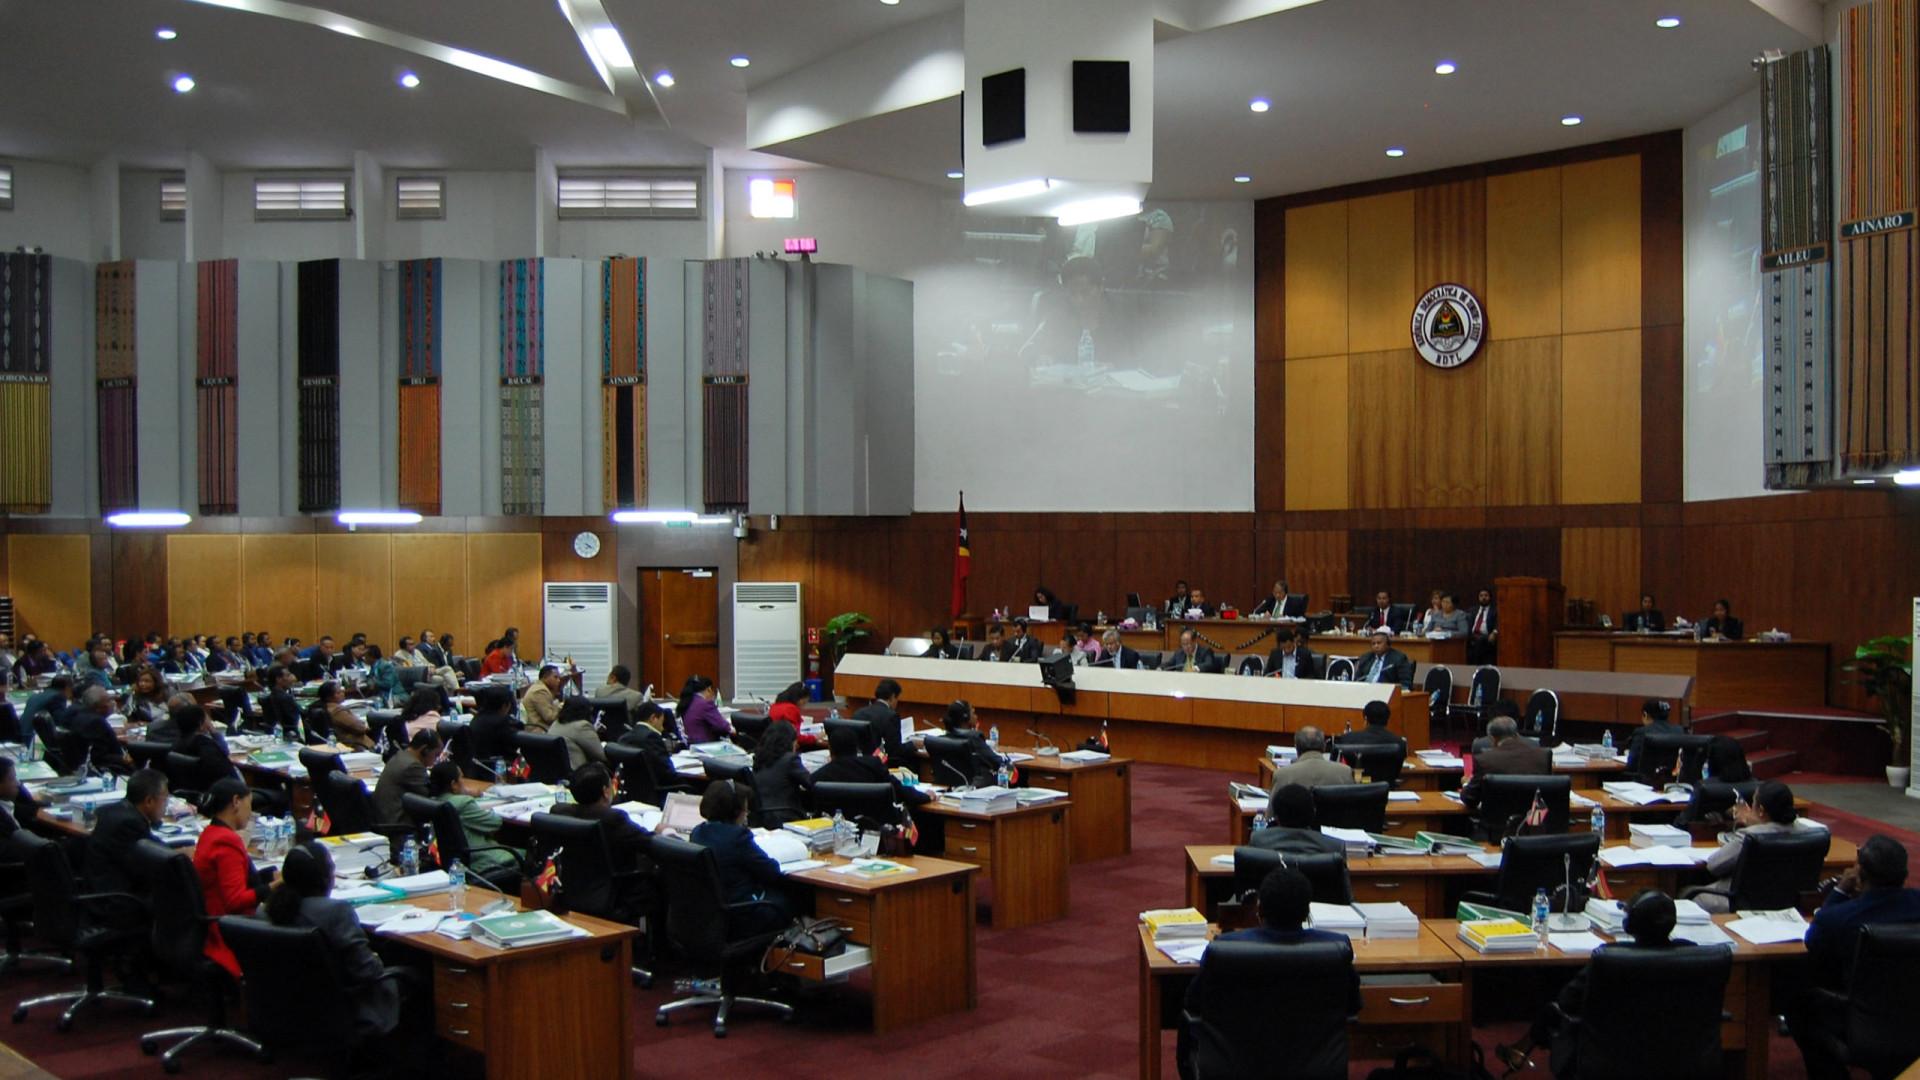 Parlamento timorense com mais de 30 diplomas pendentes na reta final